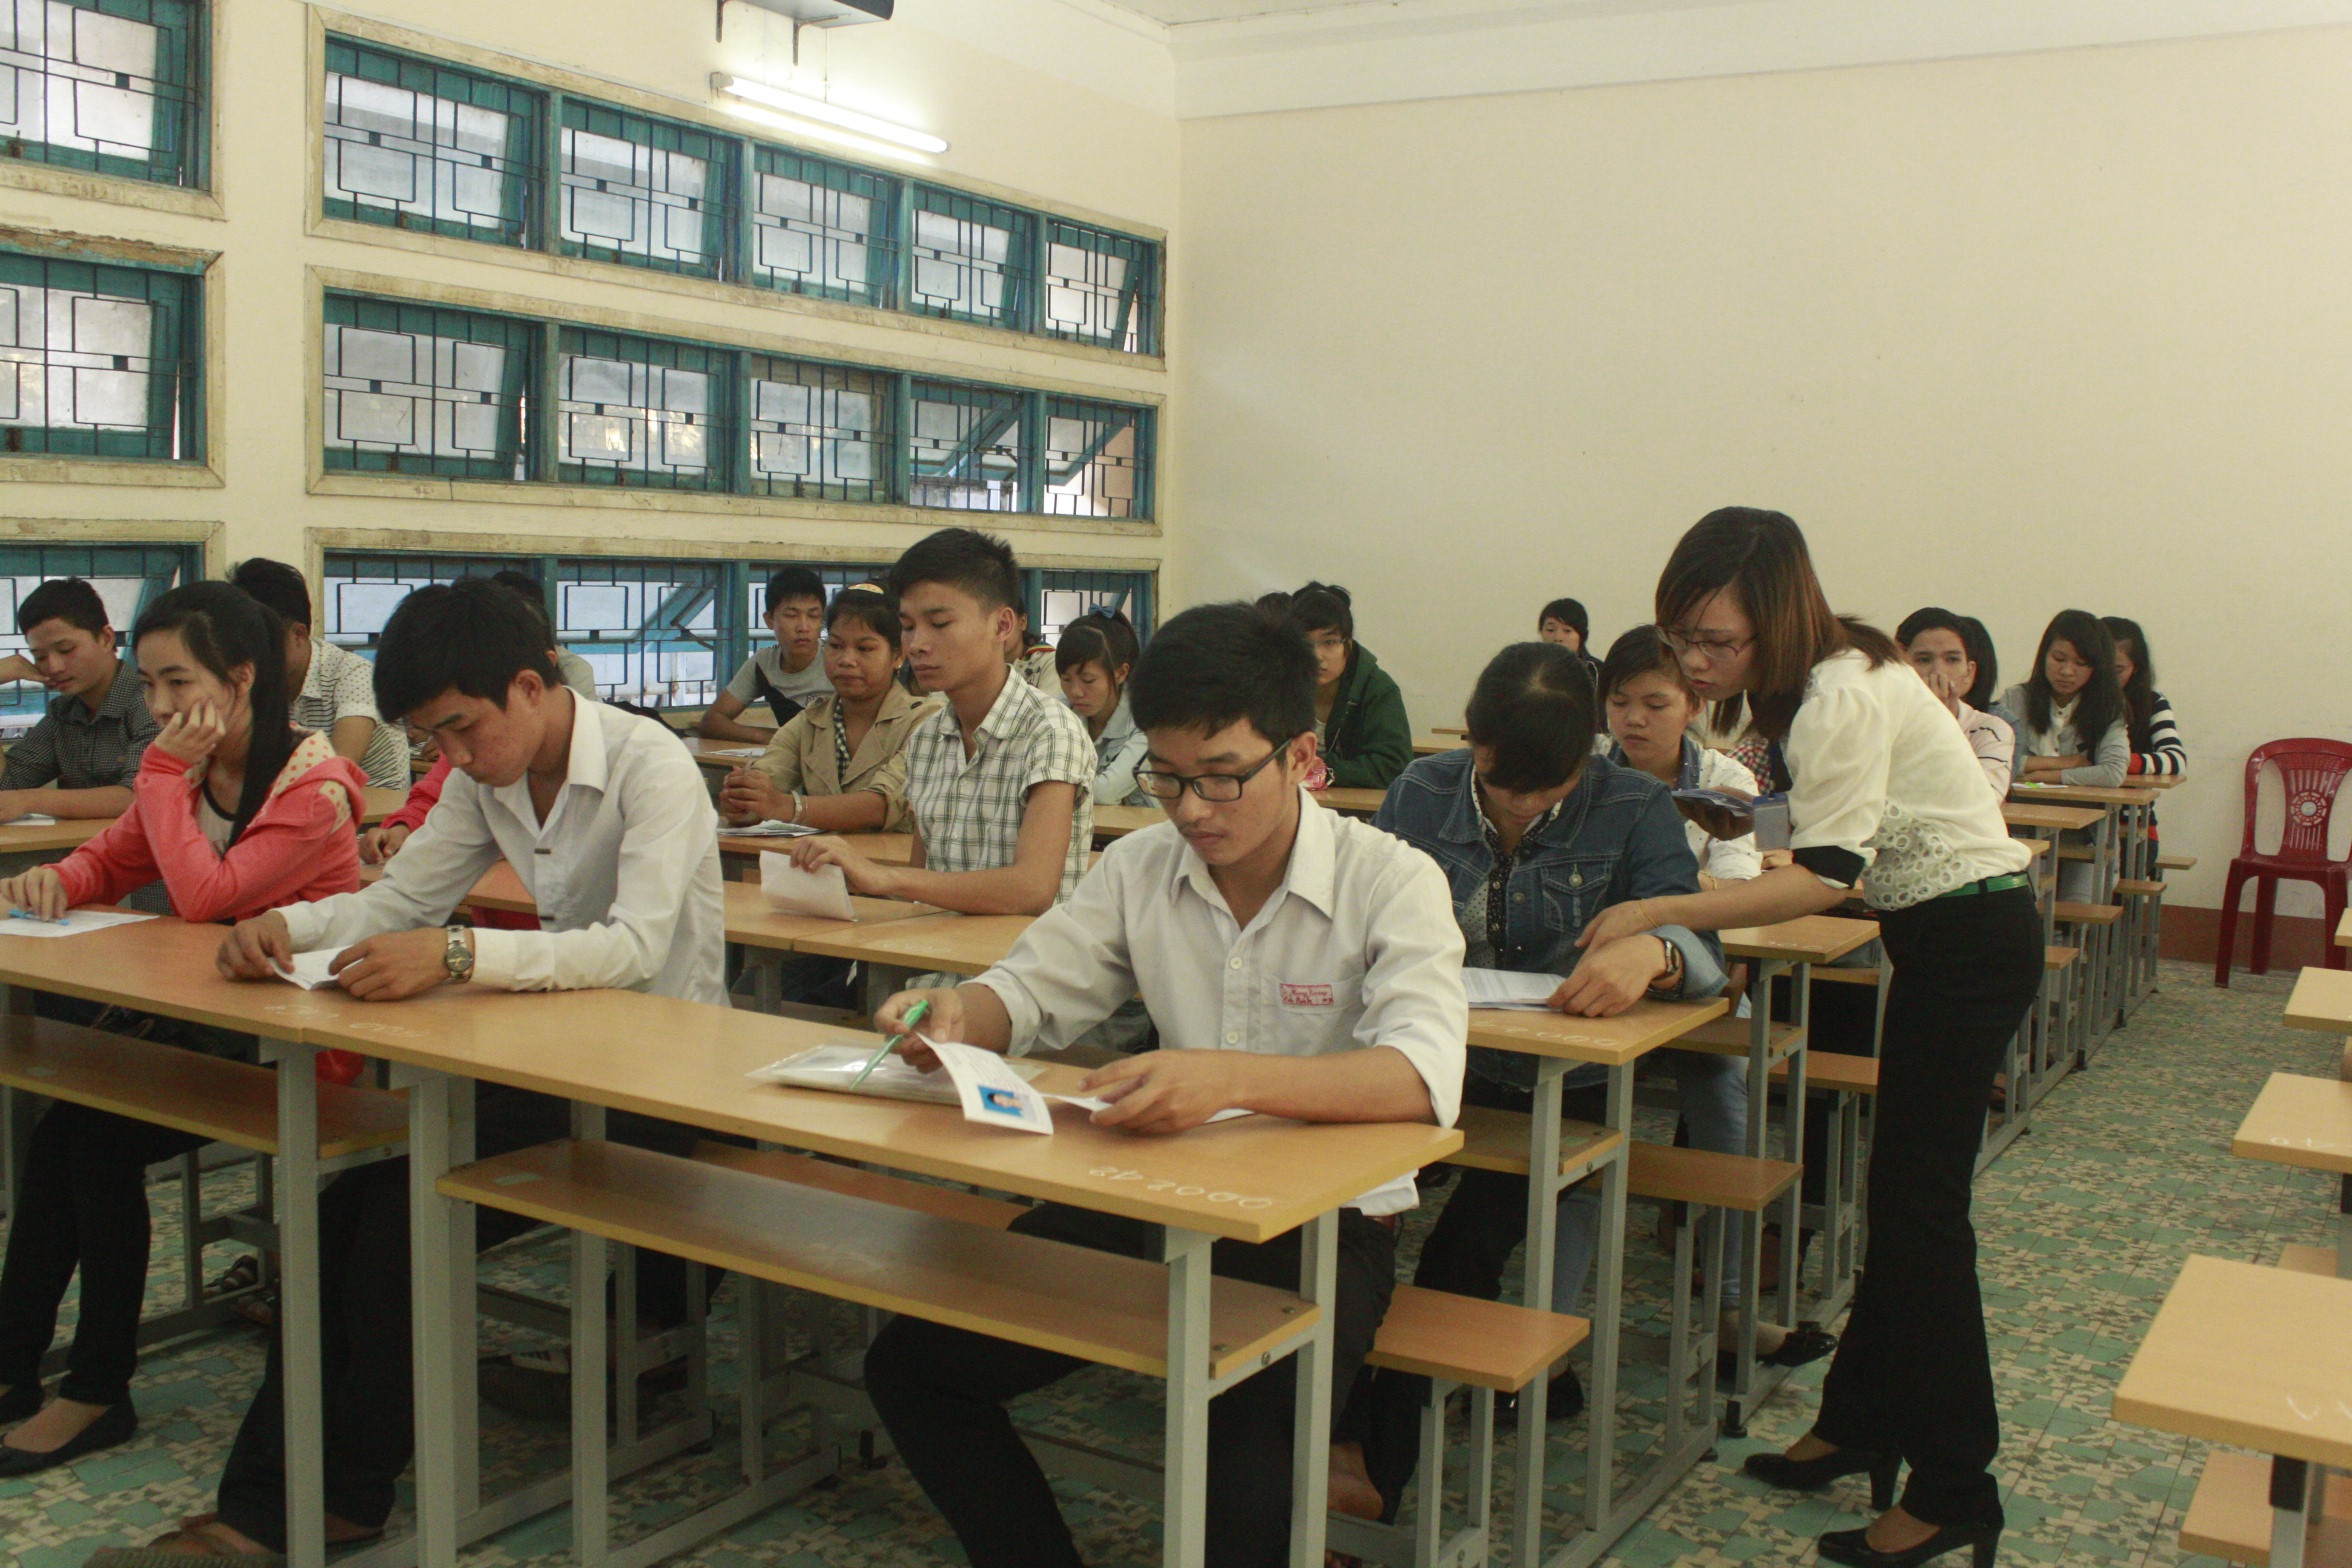 Thí sinh dự thi ĐH, CĐ tại cụm thi liên tỉnh Bình Định năm 2014